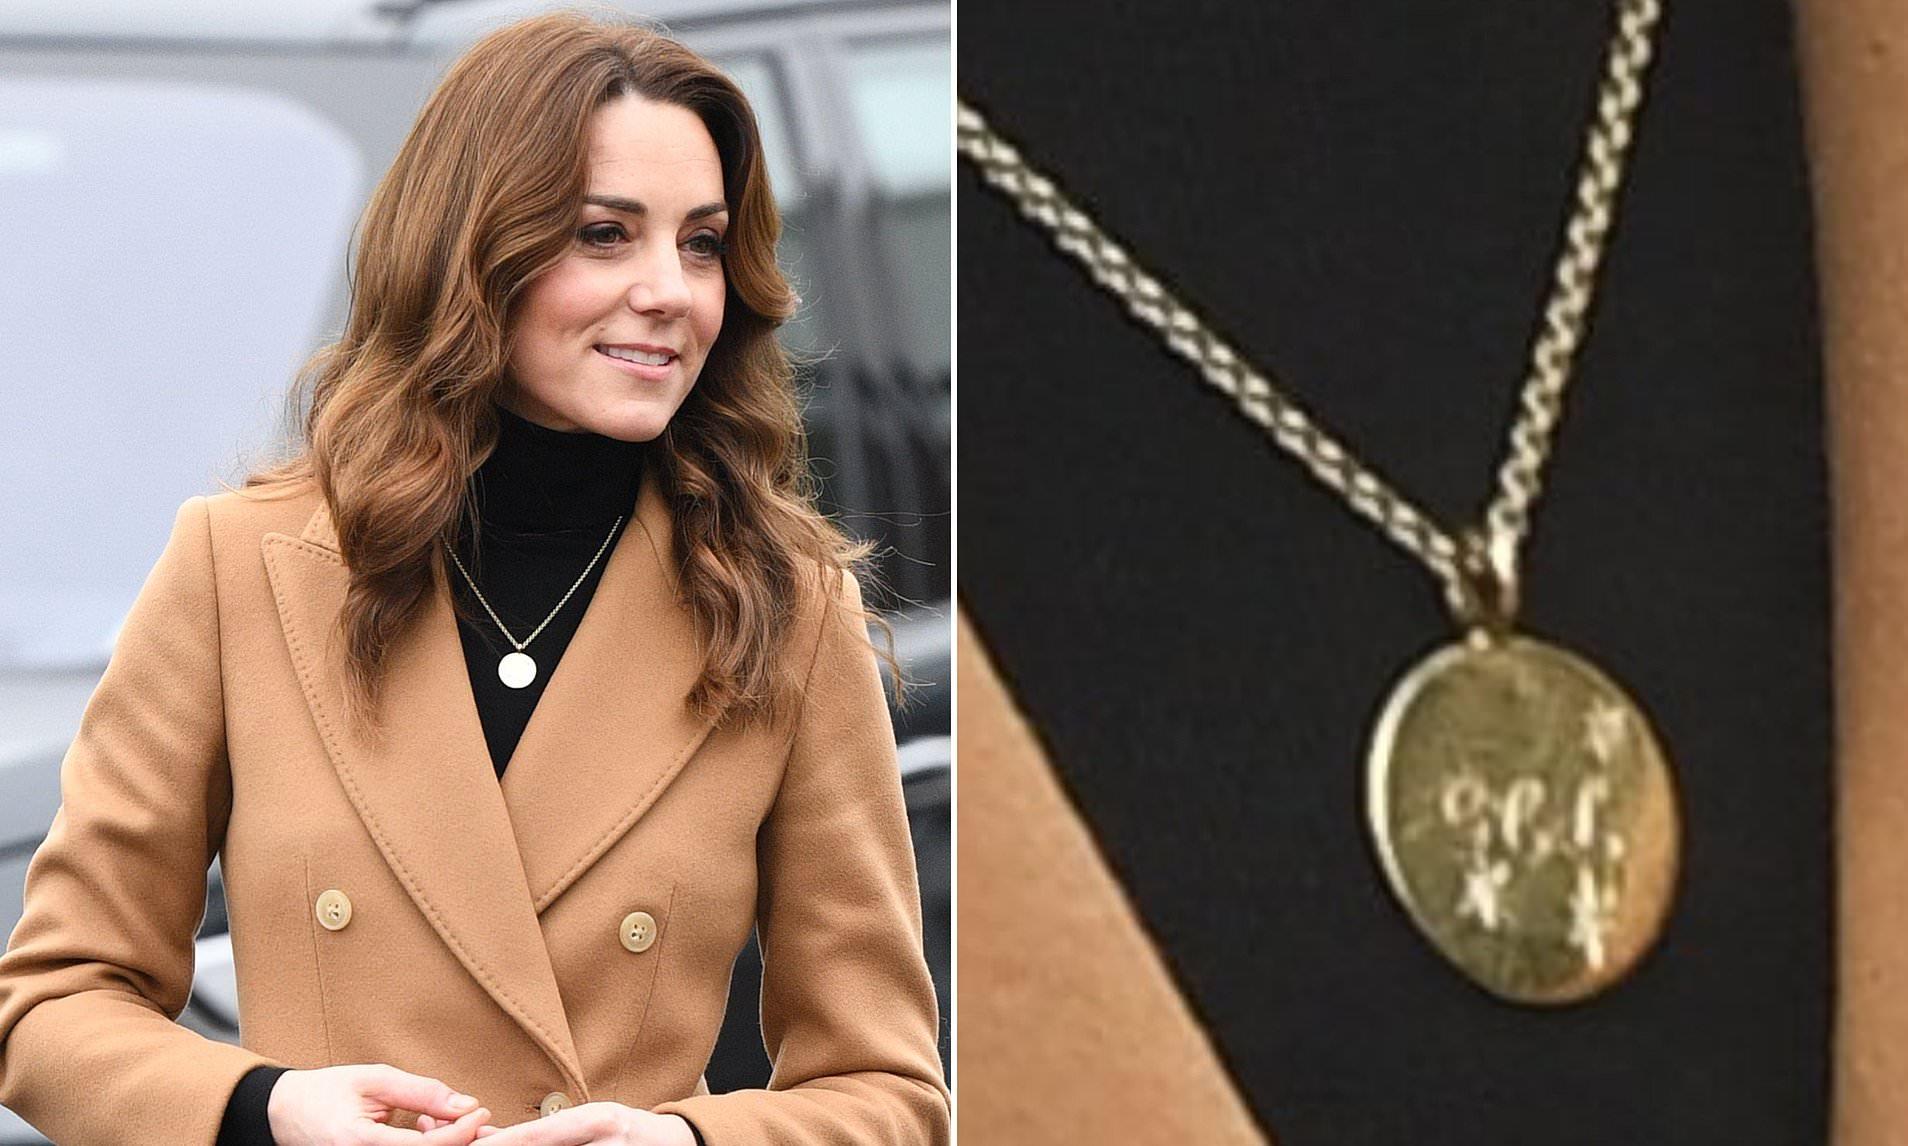 Công nương Kate luôn đeo 1 chiếc dây chuyên siêu giản dj, ý nghĩa đằng sau khiến ai nấy xúc động - Ảnh 2.